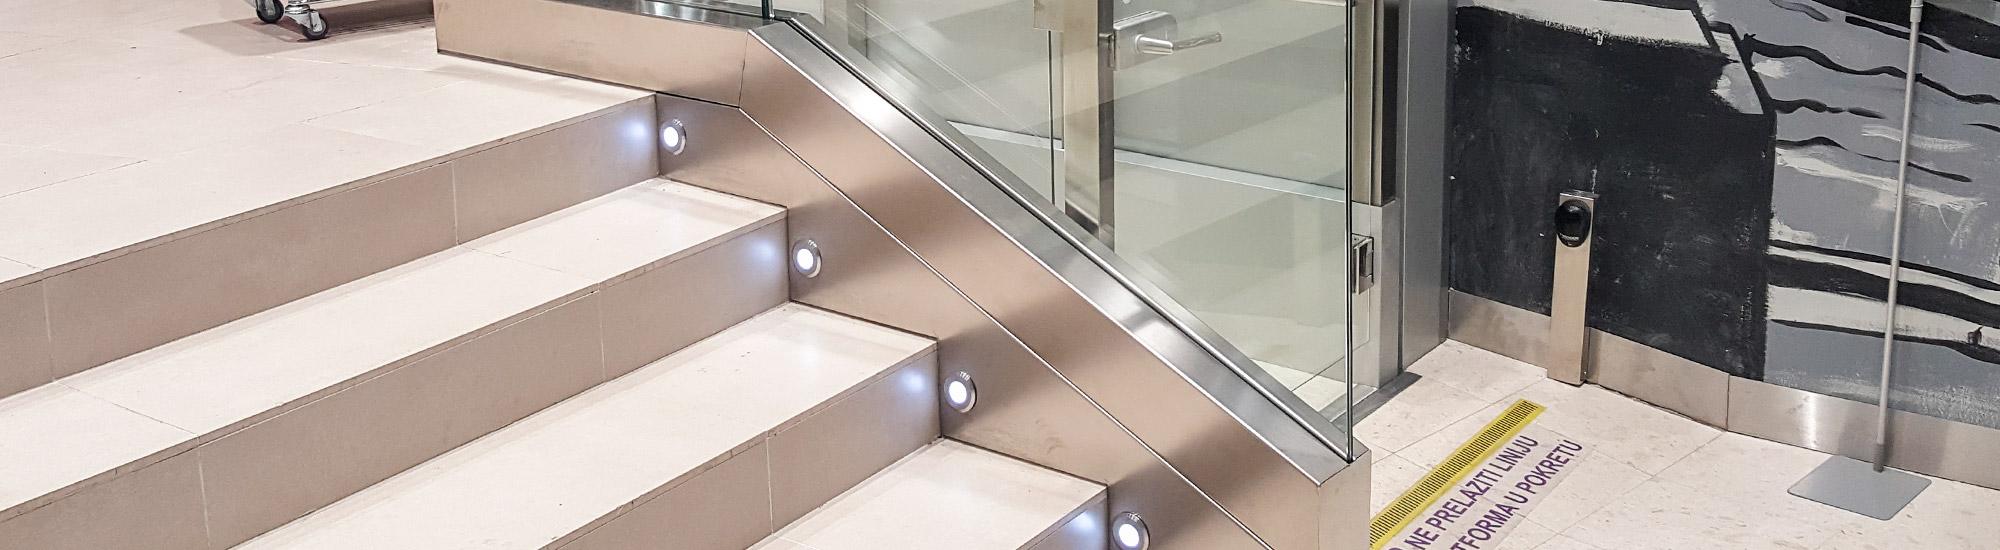 Staklene ograde Elegant - nasadni sistem C50 - Idea London Beograd